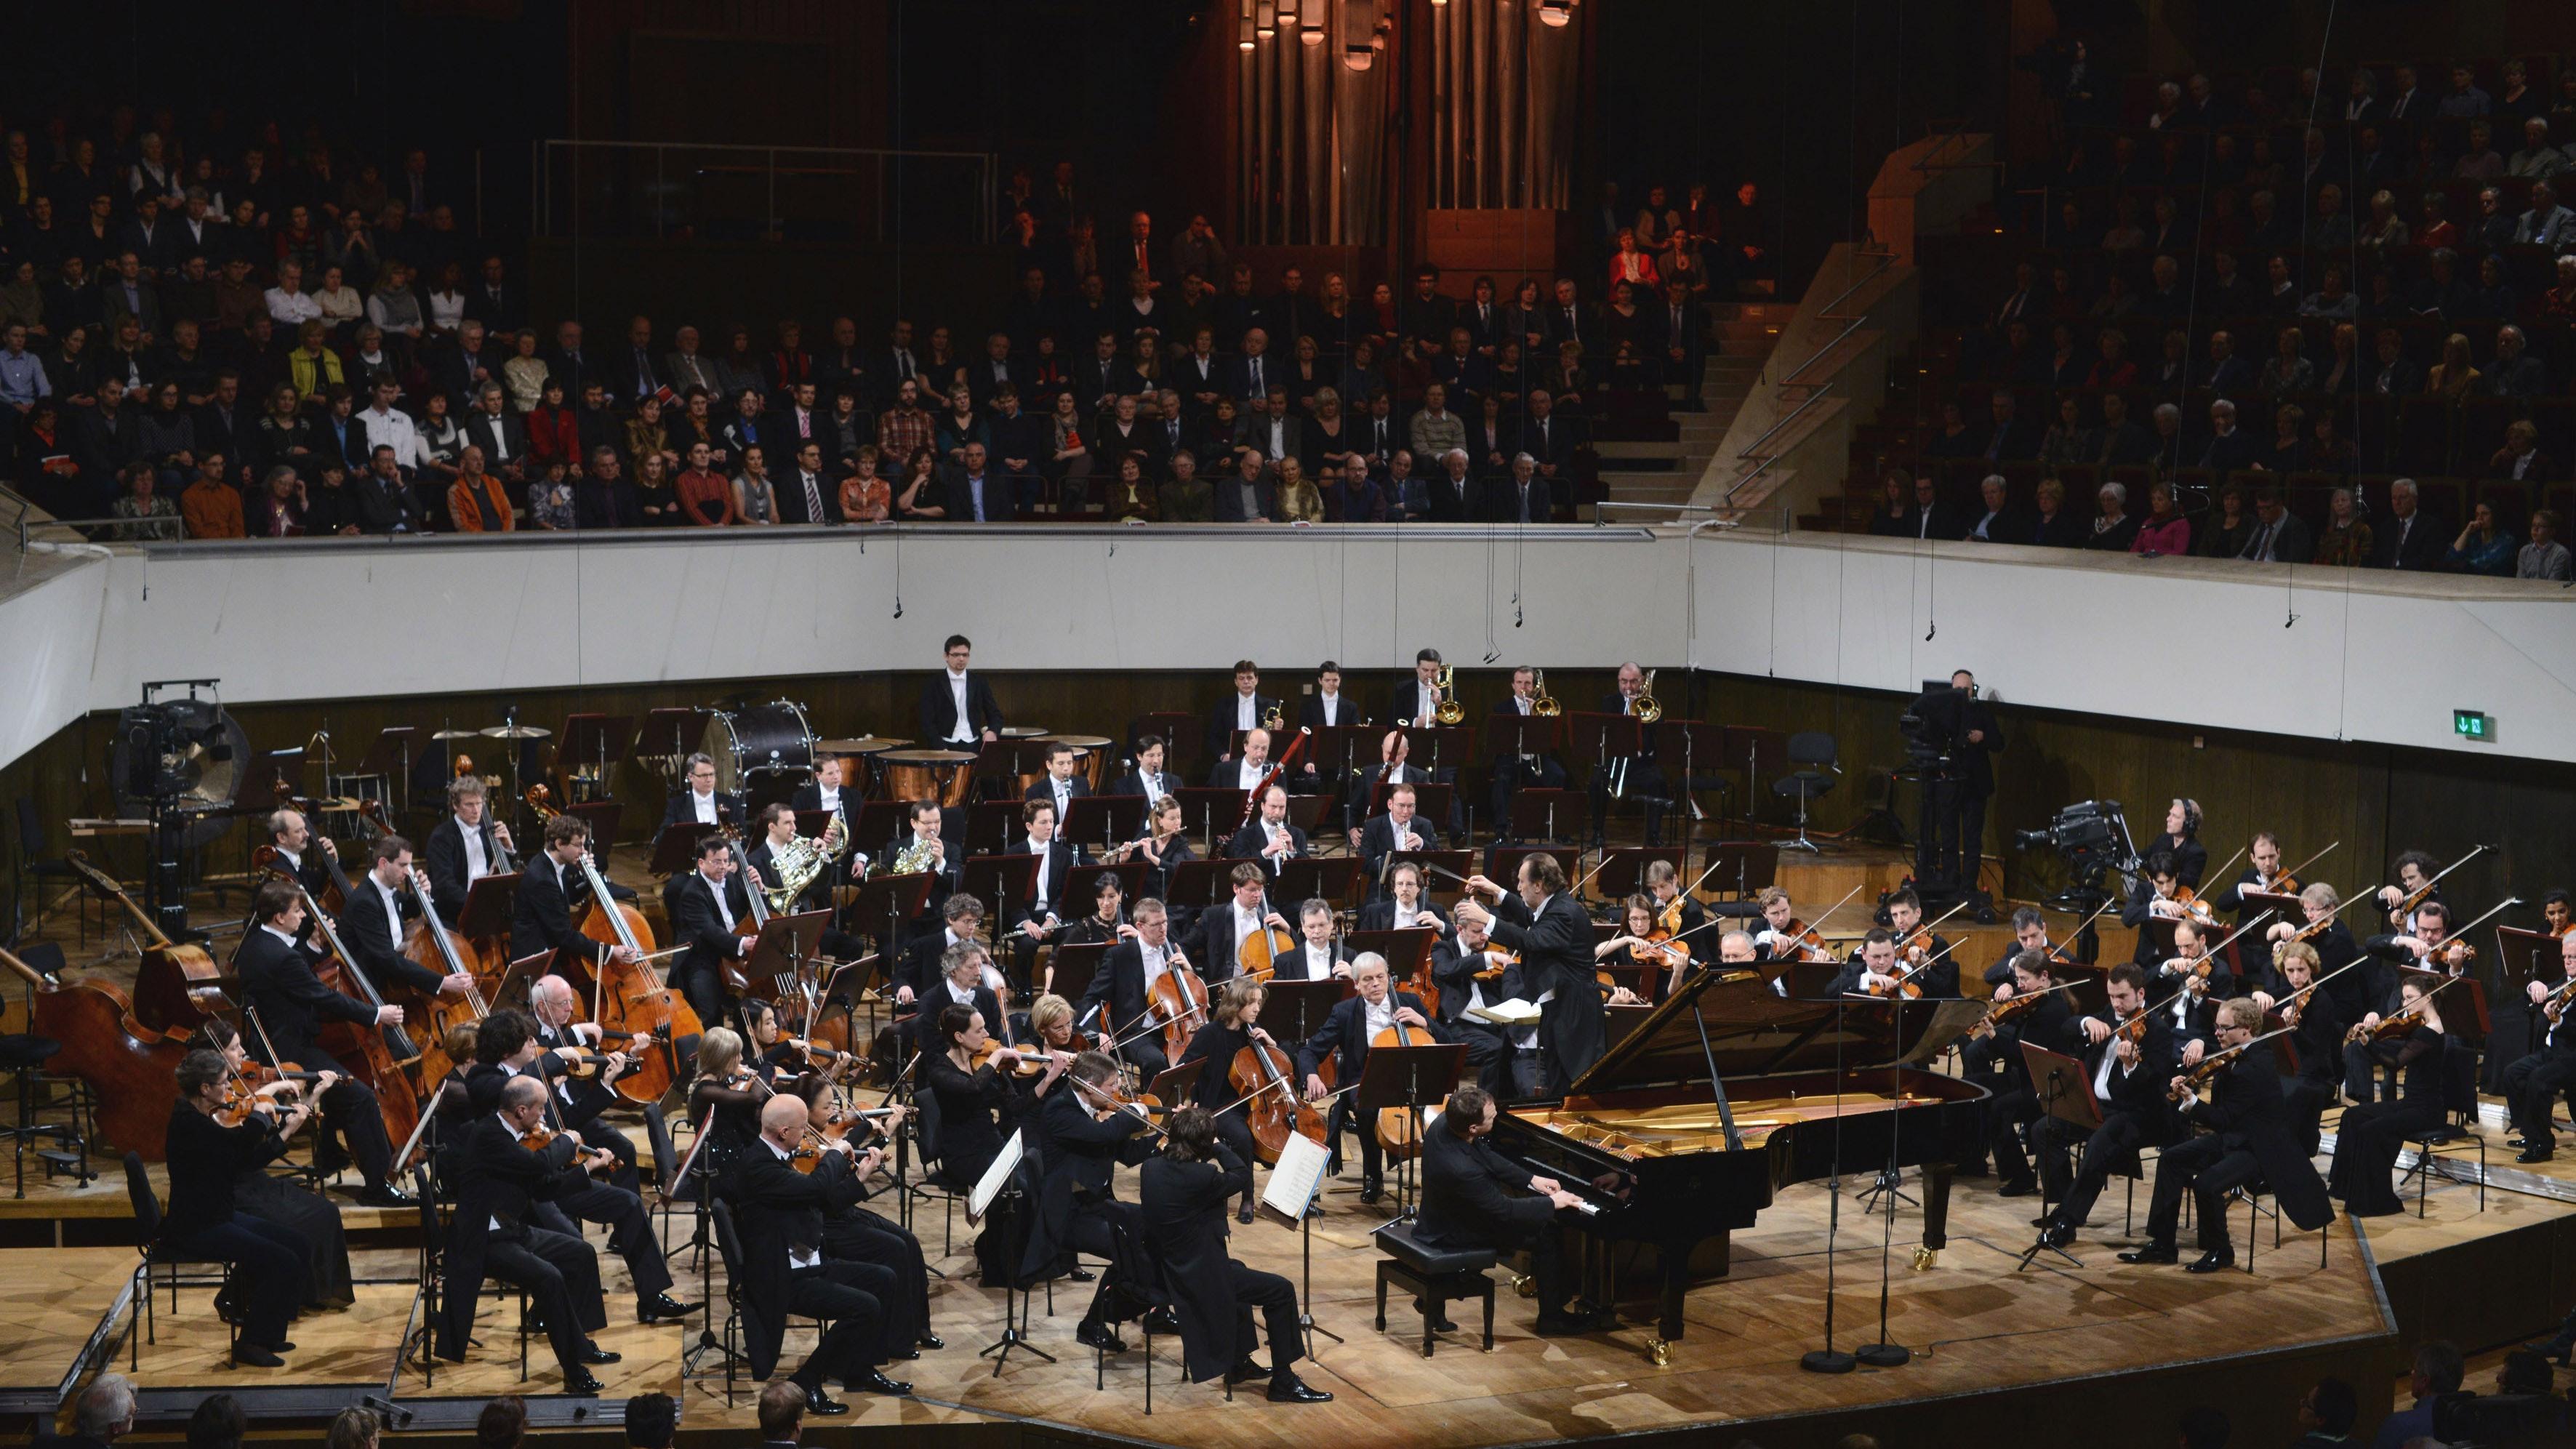 Riccardo Chailly dirige le Concerto pour piano et orchestre en la mineur de Grieg – Avec Lars Vogt